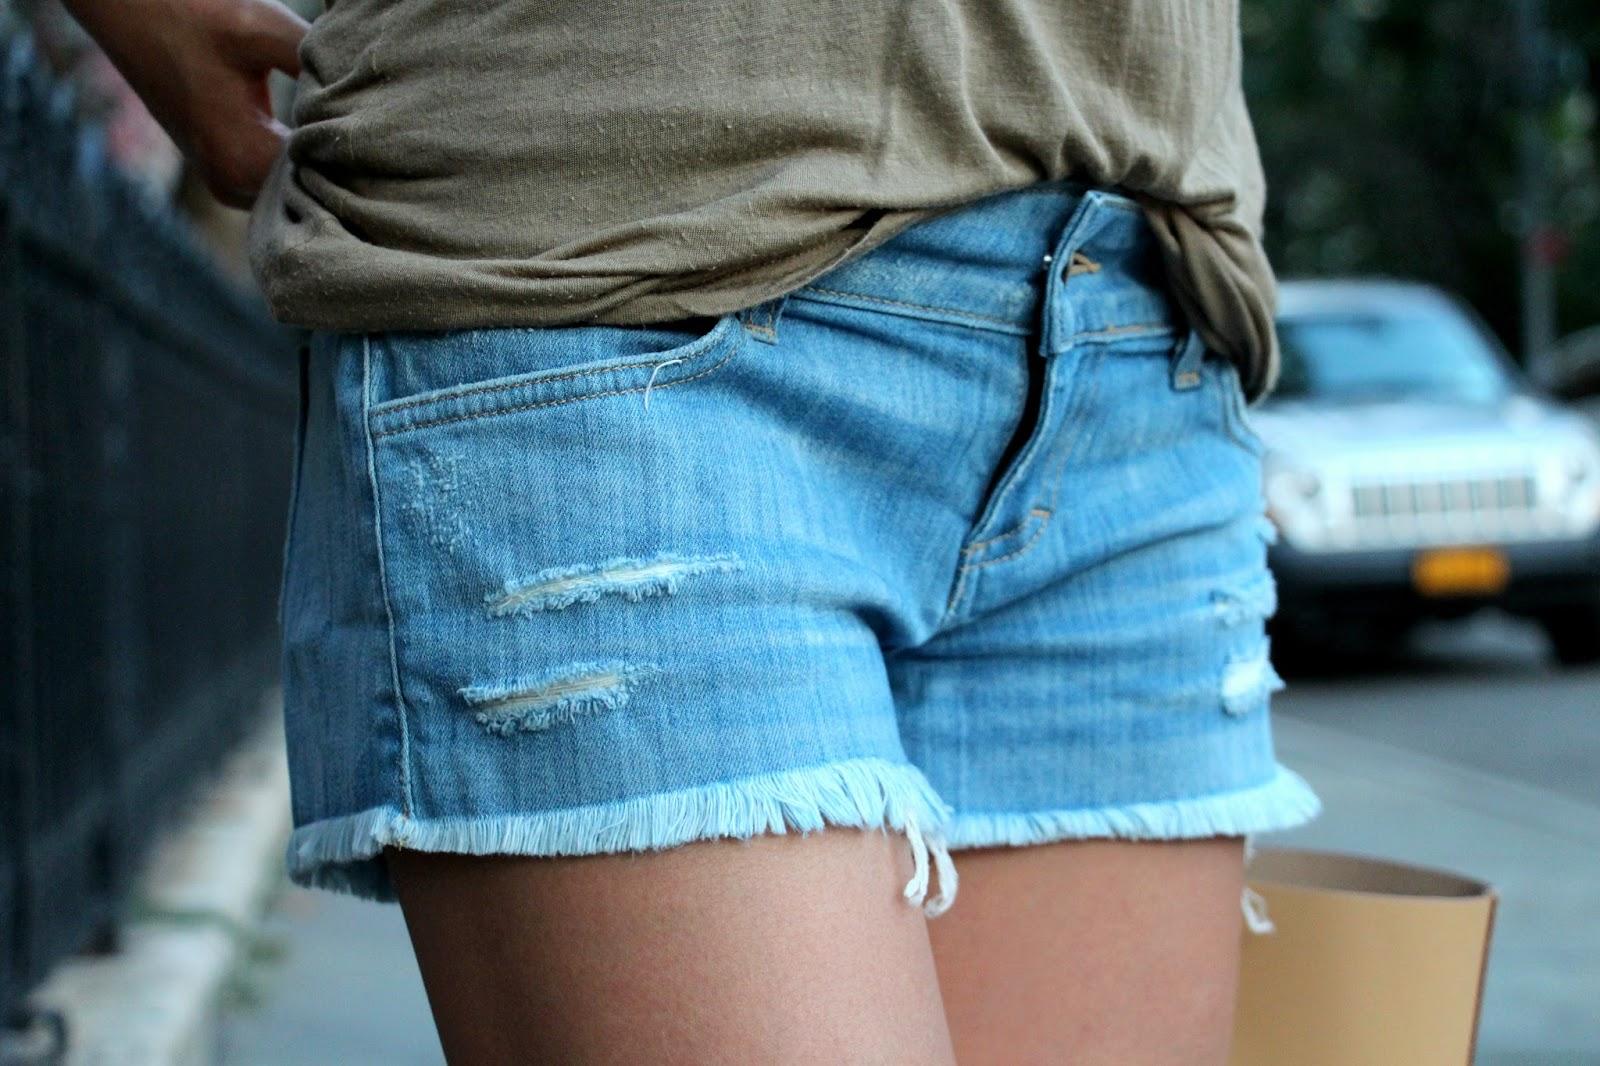 Siwy Camilla deinim shorts cutoffs